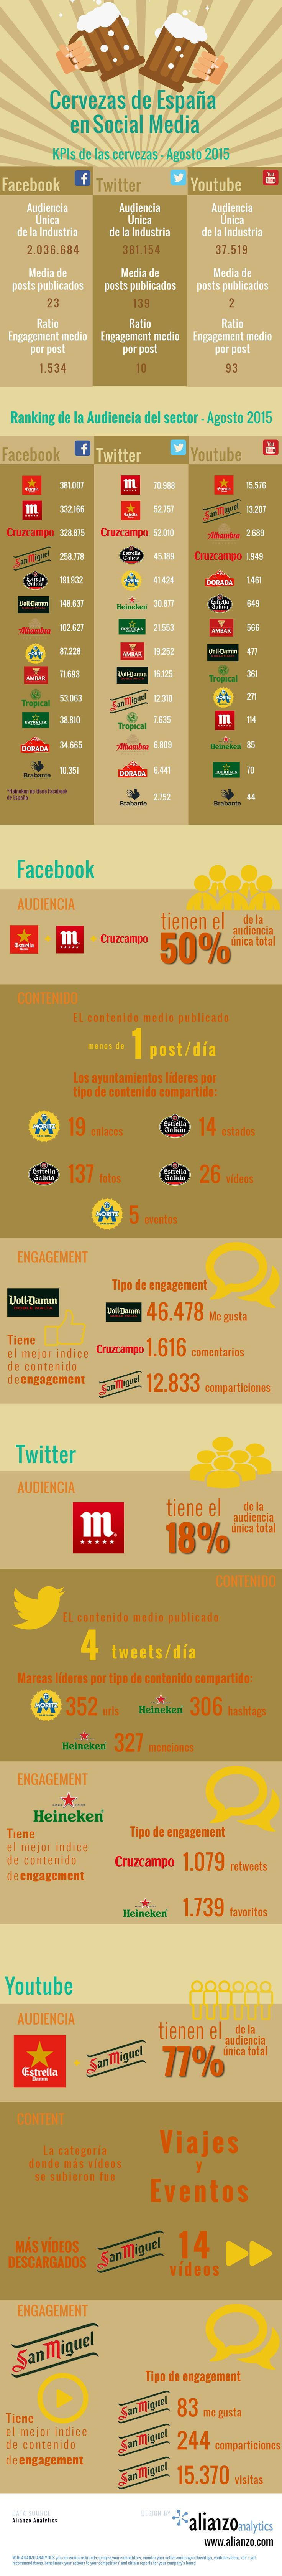 Informe cervezas españolas en social media.